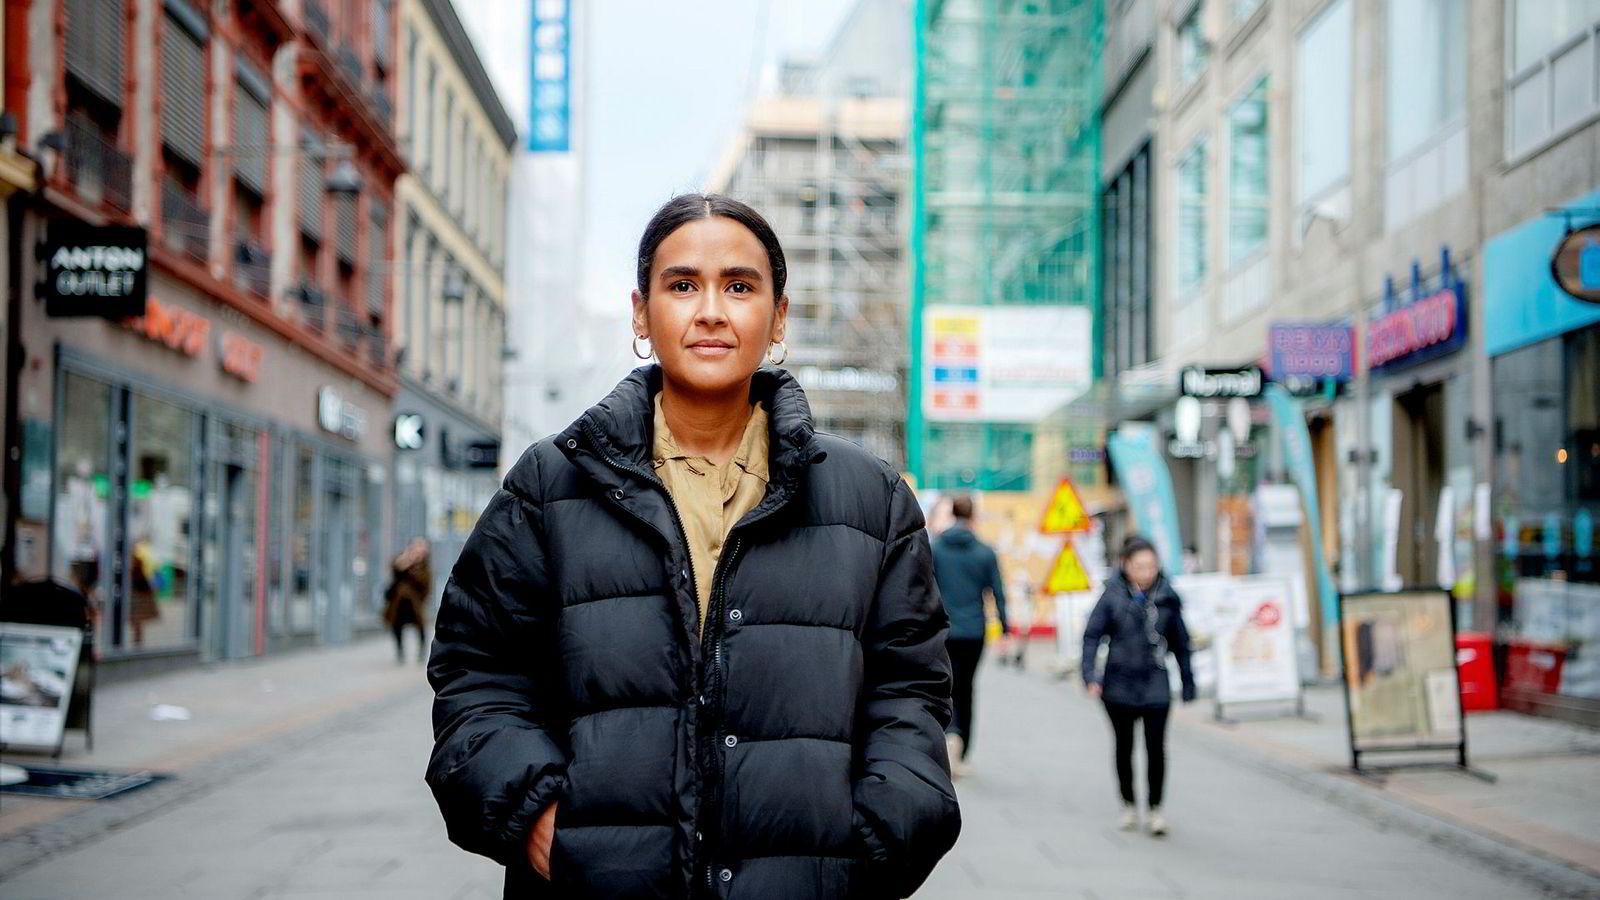 Produksjonsselskapet The Oslo Company henter Nora Ibrahim, som nå er konstituert redaksjonssjef for tv i P3.